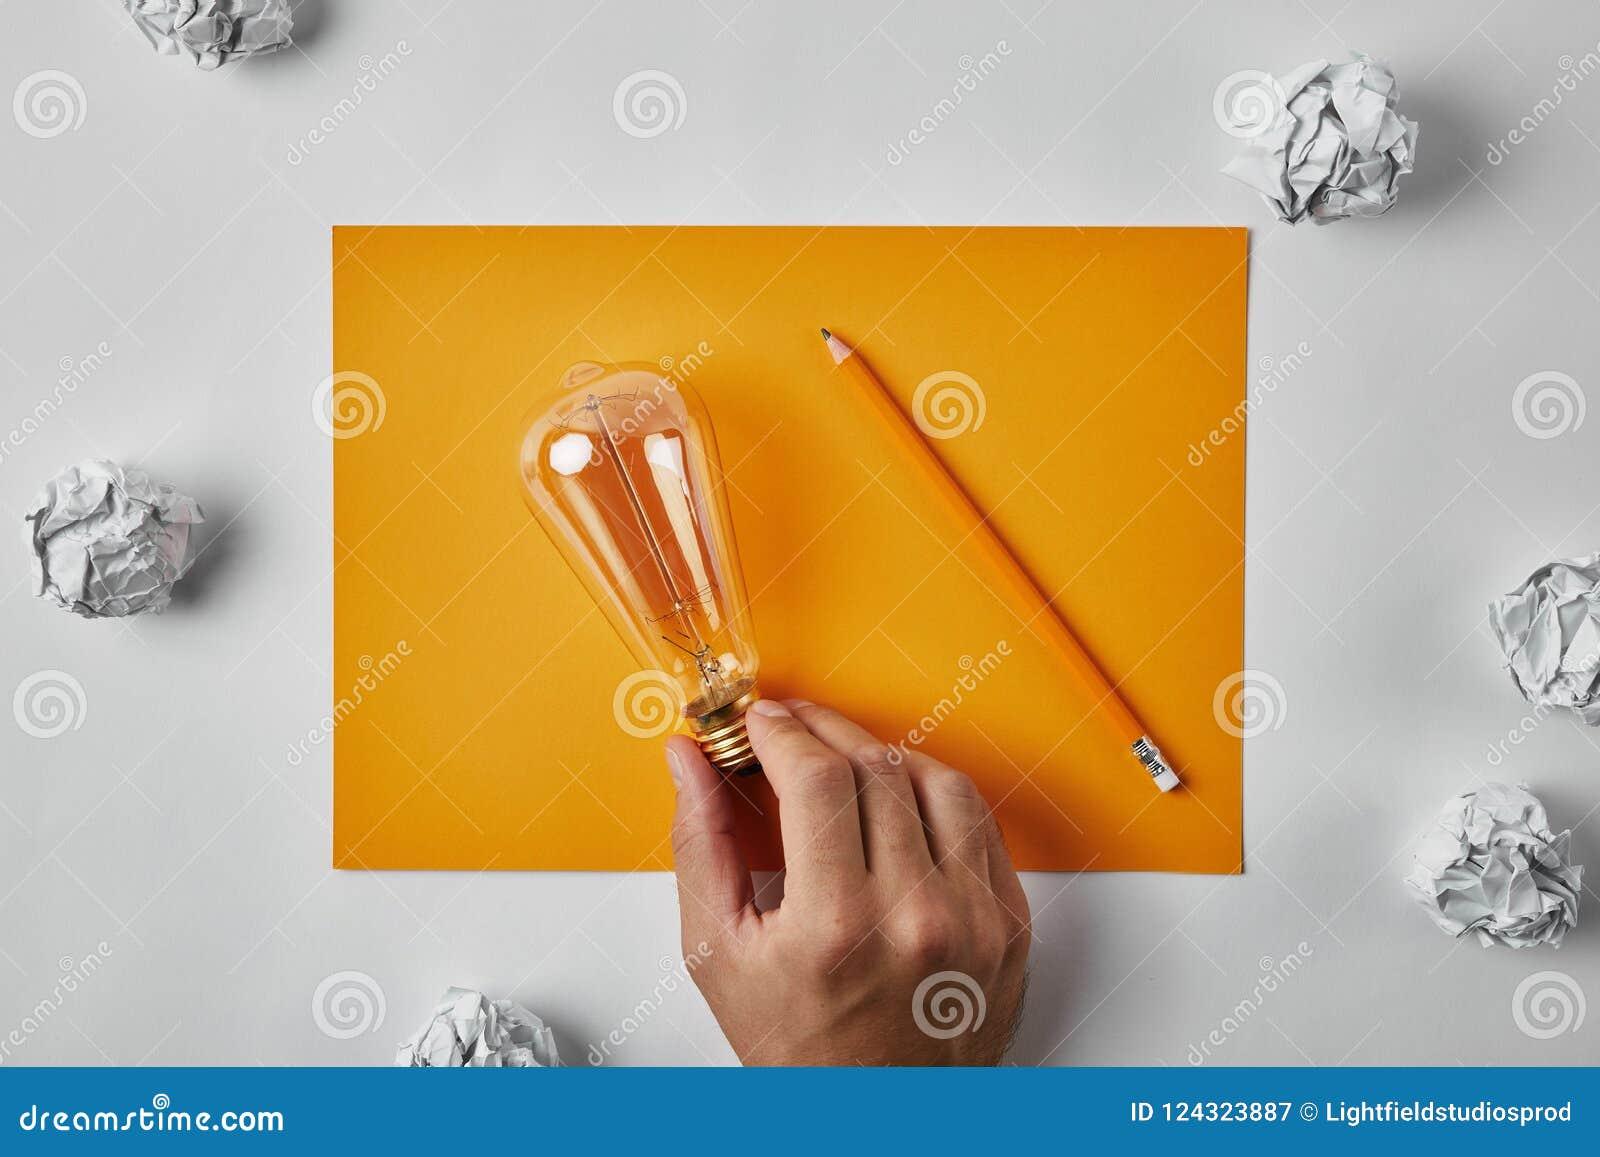 καλλιεργημένος πυροβολισμός του ατόμου που κρατά τον πυρακτωμένο λαμπτήρα σε κενό κίτρινο χαρτί με το μολύβι που περιβάλλεται με